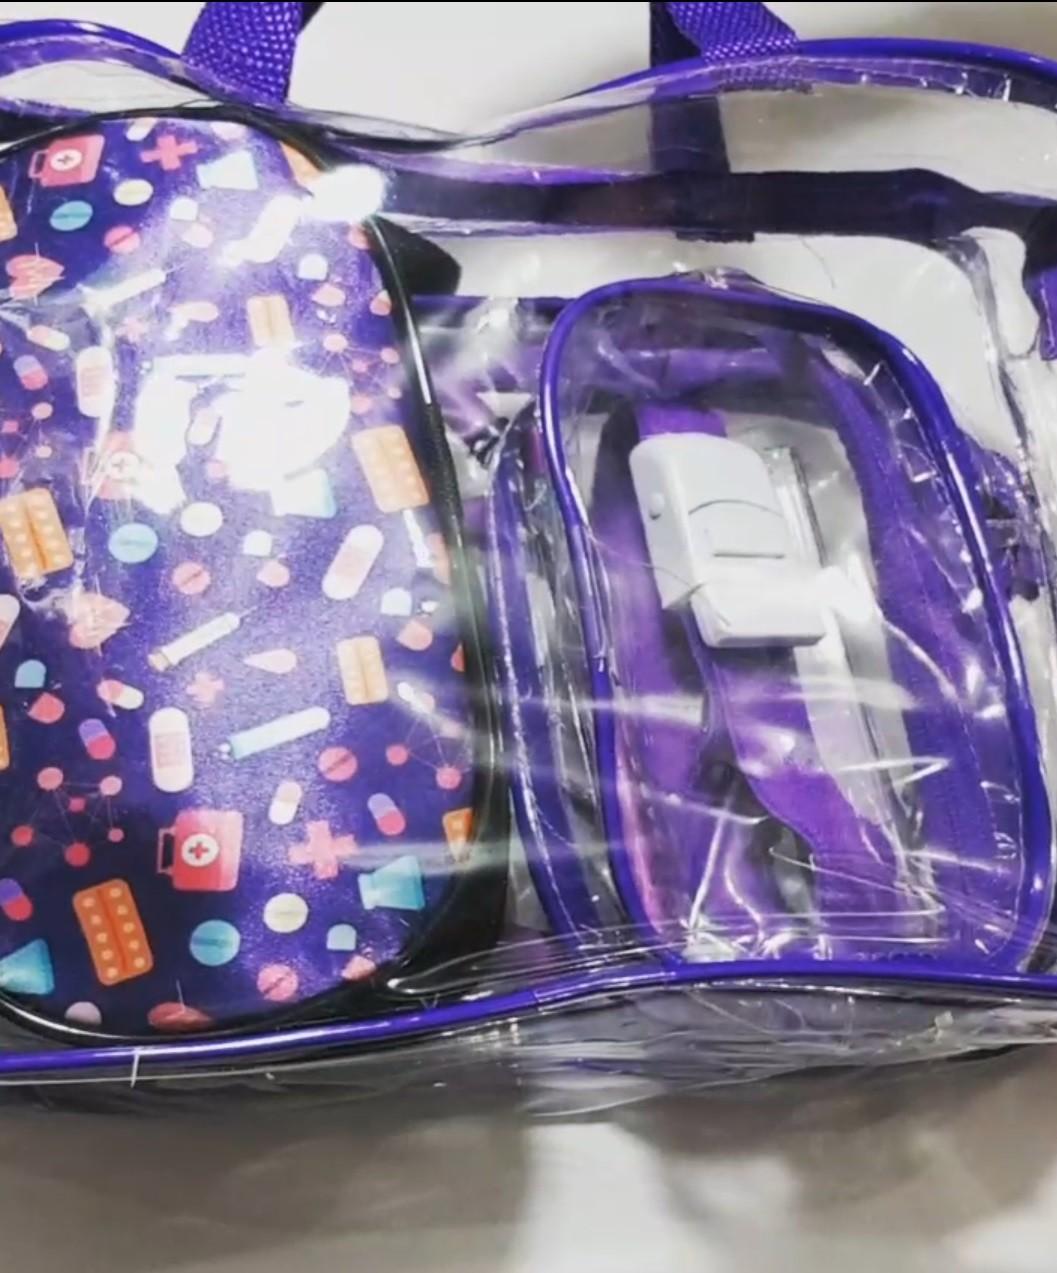 Kit Roxo com bolsa transparente